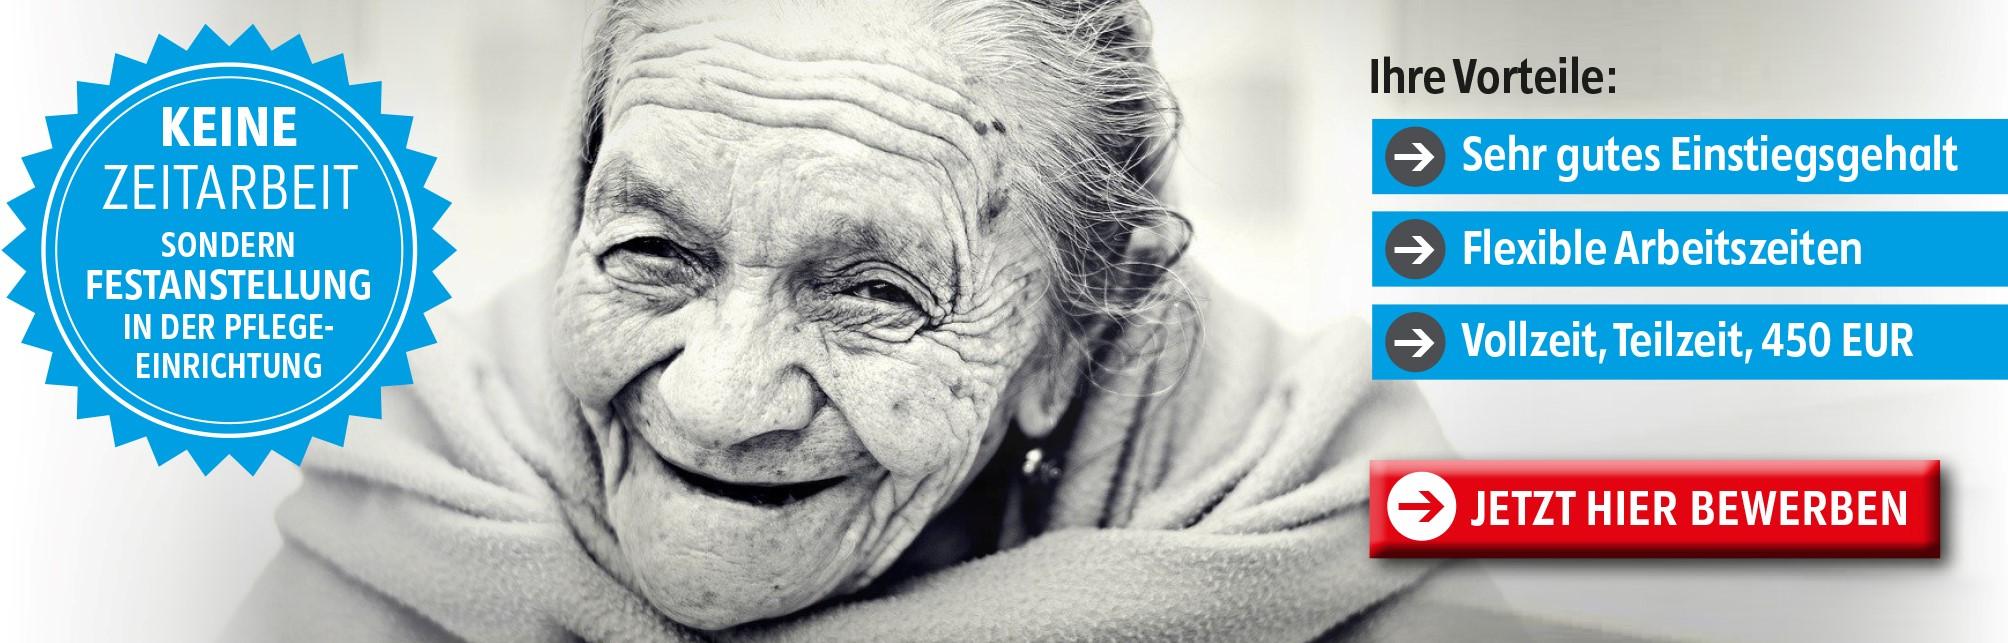 Altenpfleger / Pflegefachkraft Stellenangebot